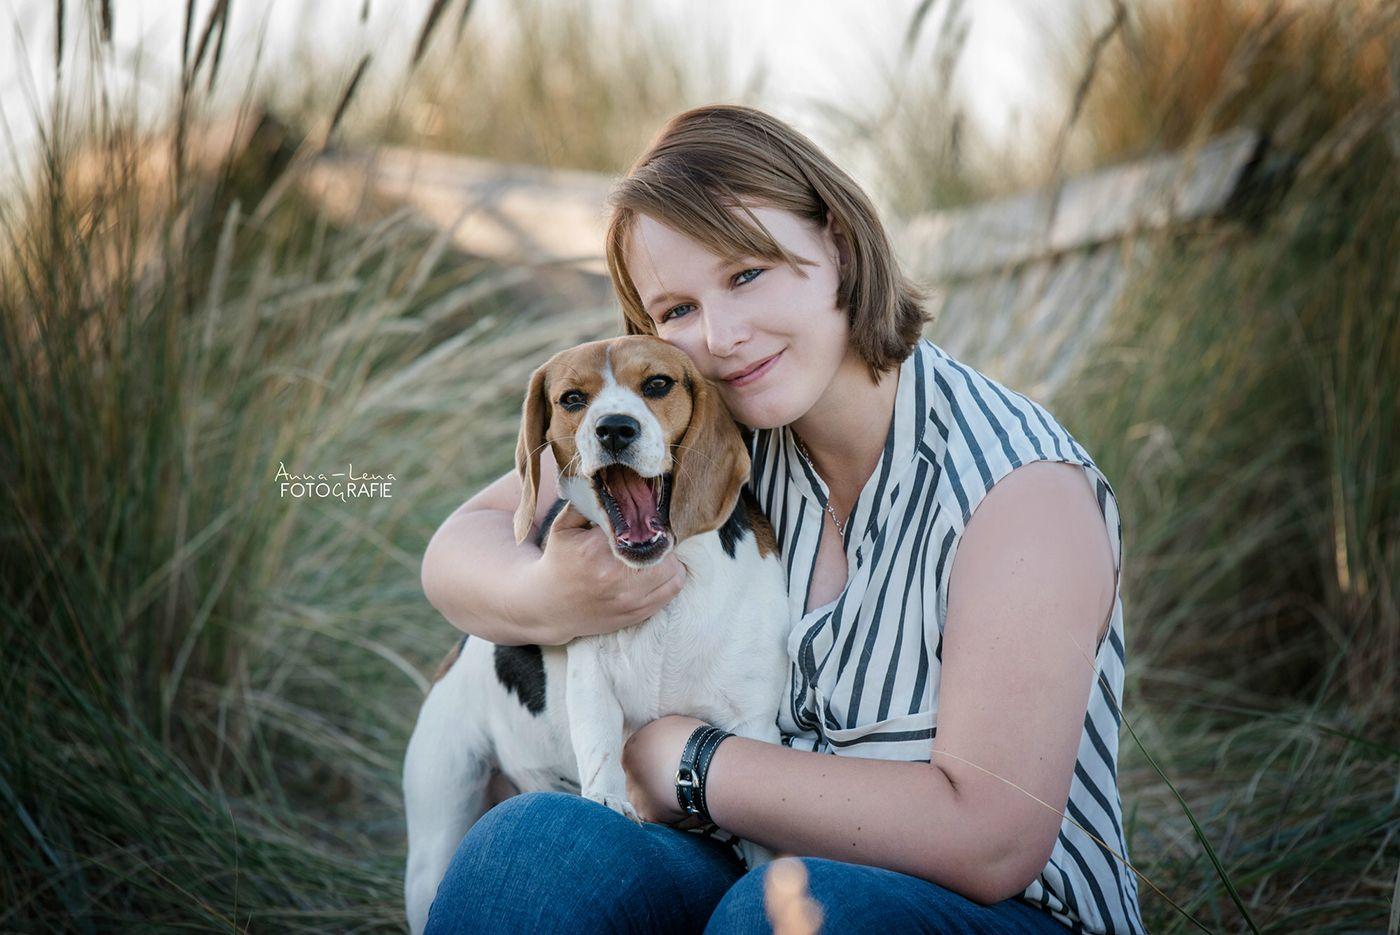 Mensch Und Tier Mensch Und Tierfotografie Fellfreundschaften Tierische Freunde Verbindung Mit Hund Hunde Beagle In 2020 Hund Beagle Beagle Tierfotografie